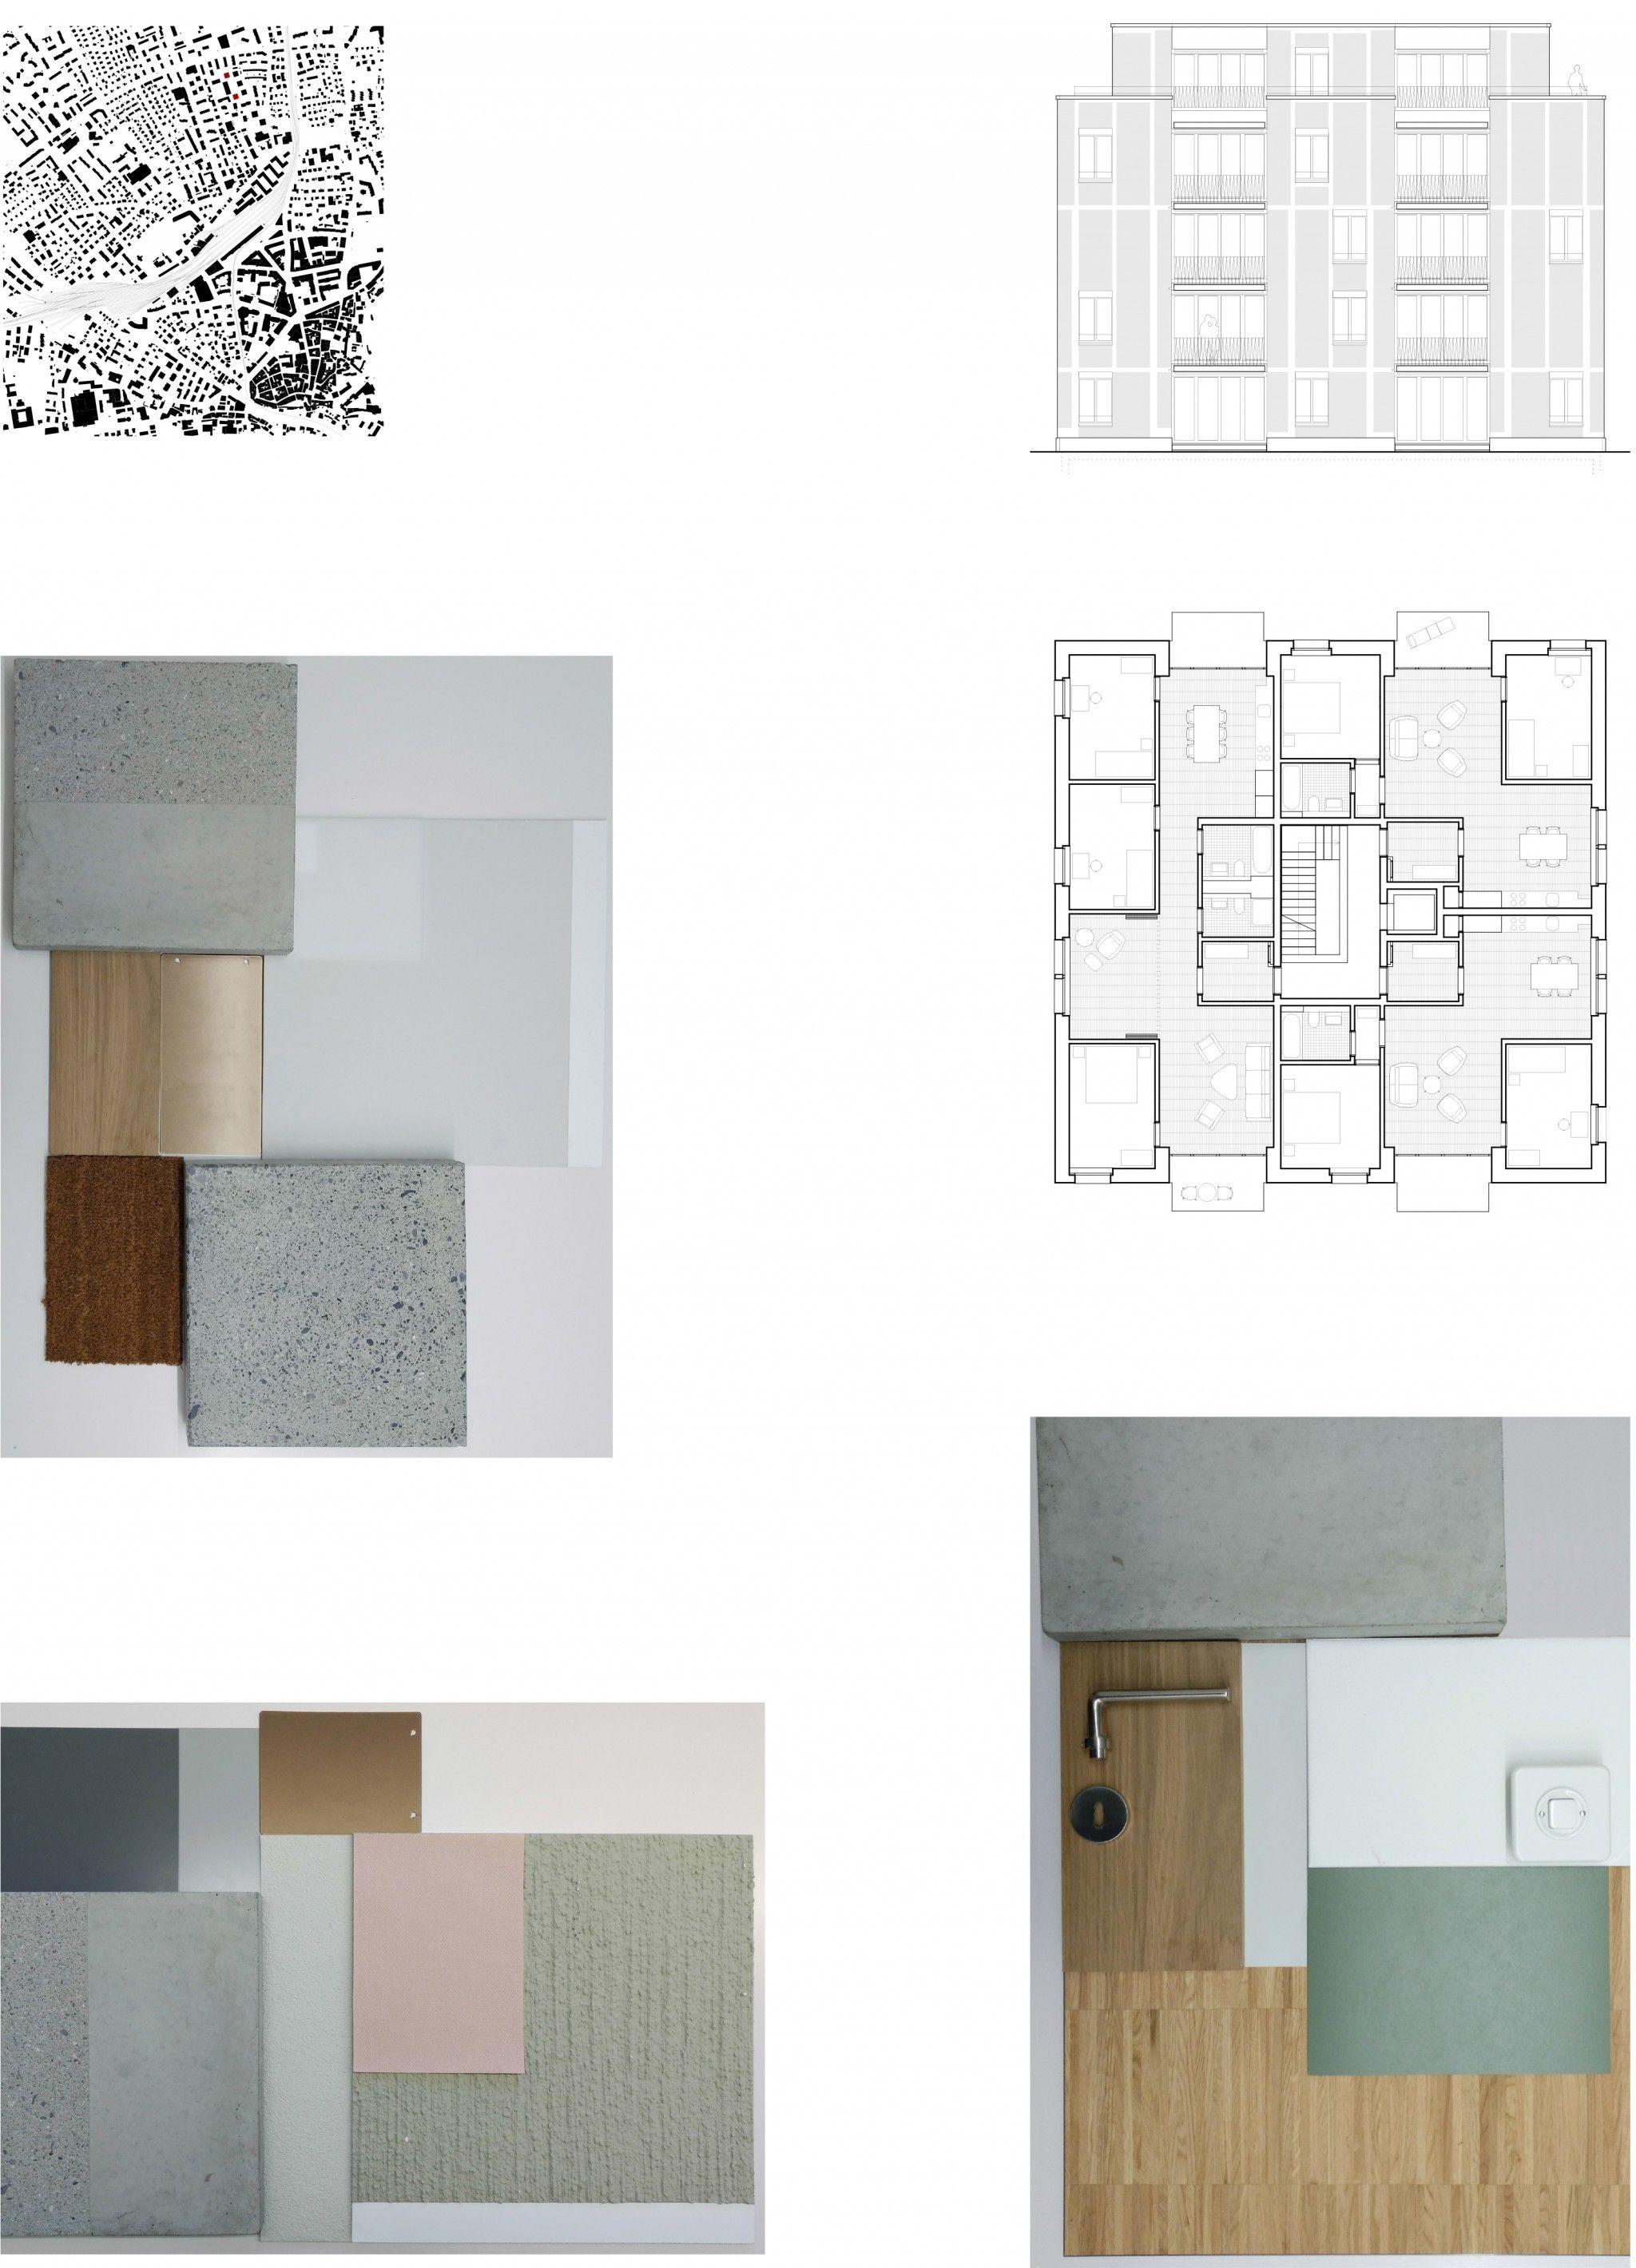 Wohnhäuser A und E Calandastrasse, Chur - im Bau | Corinna Menn ...